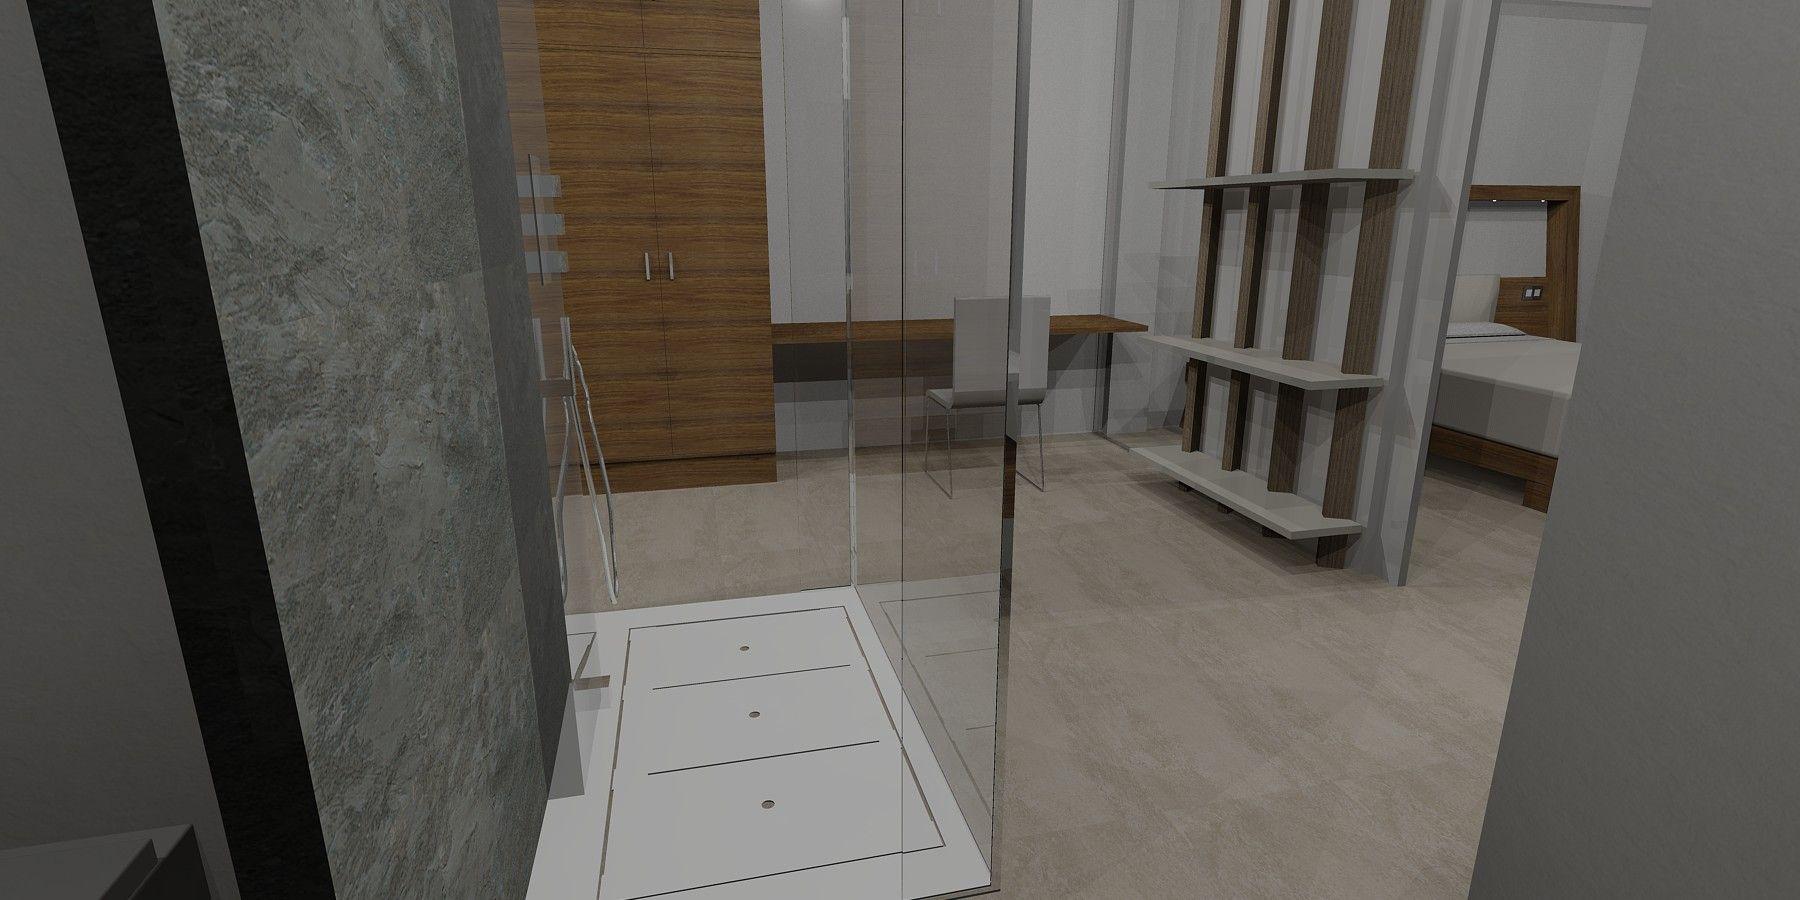 2012 Diseño Dormitorio RyANA de Ernesto Oñate. Vista desde la entrada a la ducha. Se aprecia la mampara de cristal. Enfrente se ve el armario y el tocador del vestidor y a la derecha el dormitorio tras la pared donde se apoya la estantería ENCUENTRO.